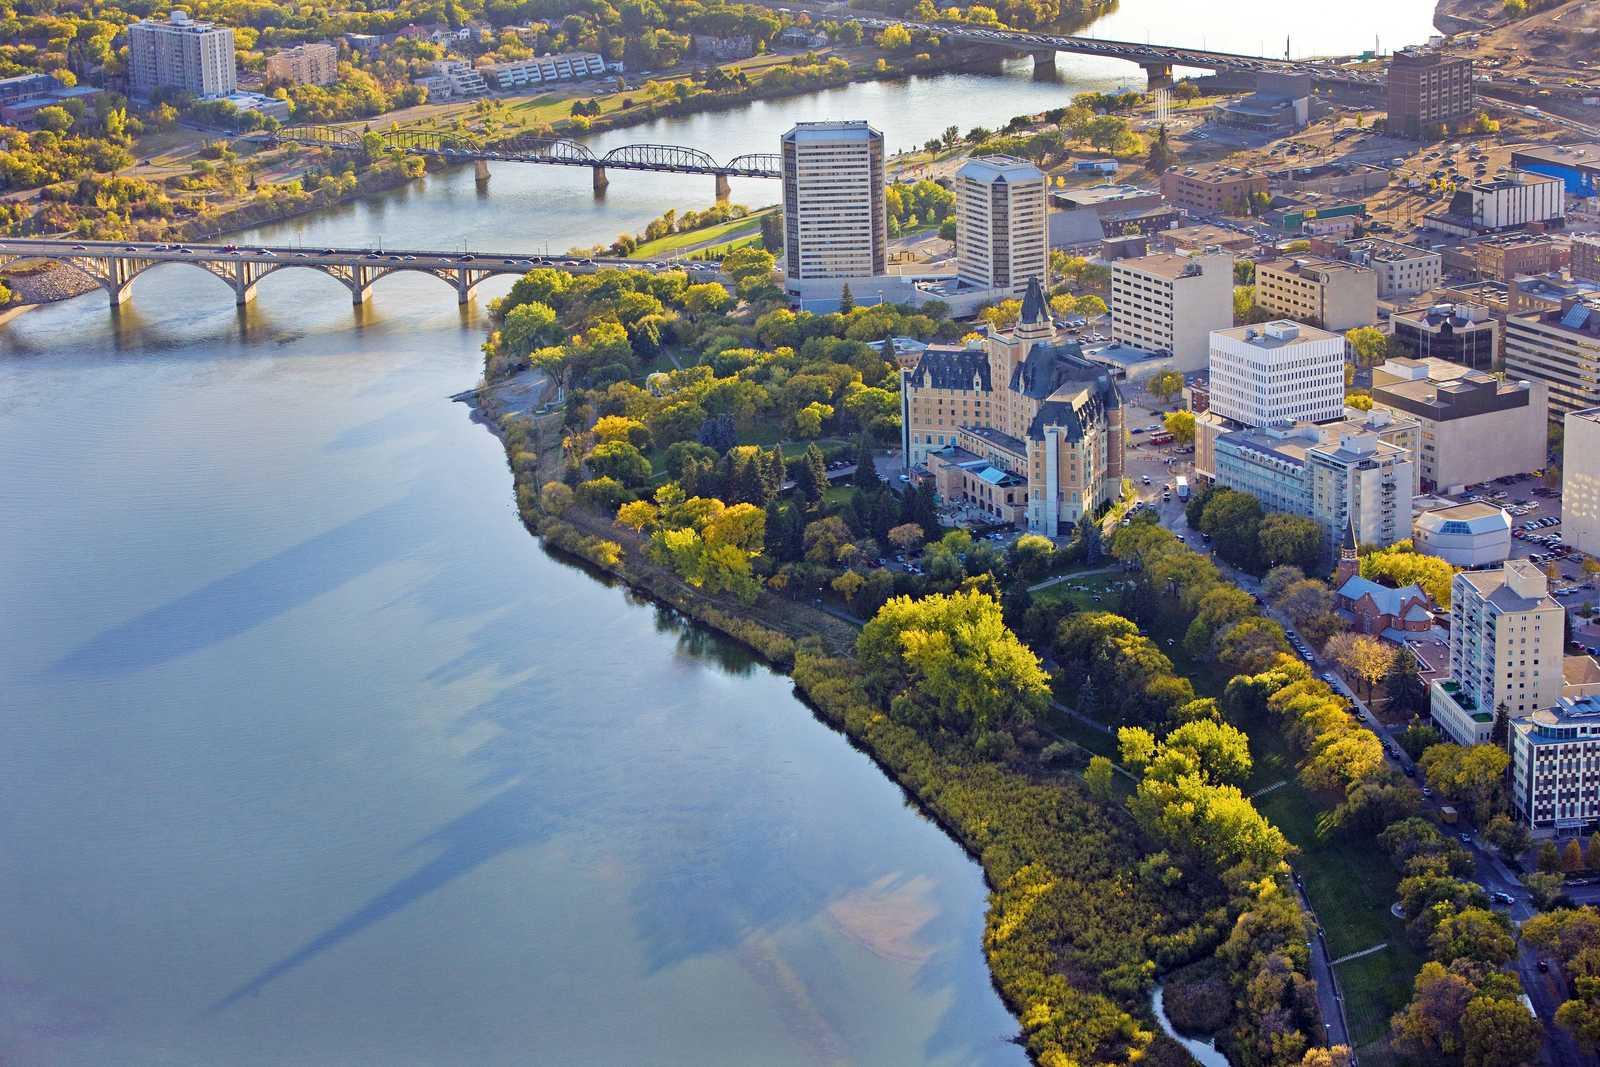 Blick auf Saskatoon aus der Vogelperspektive